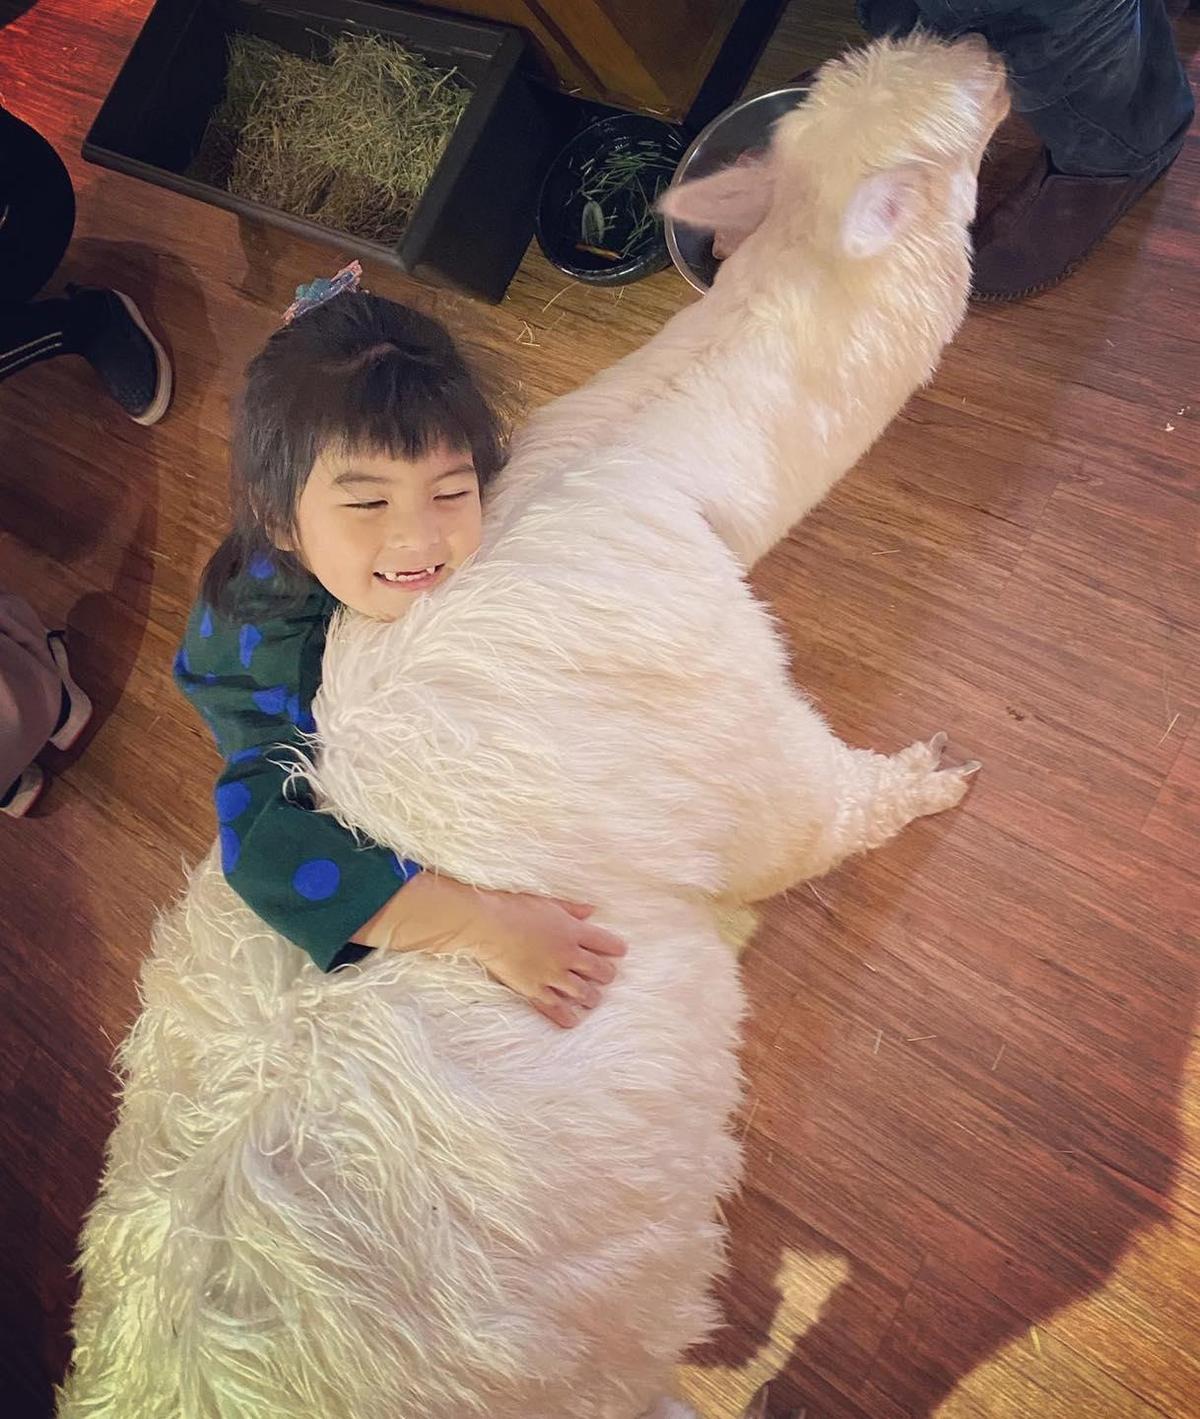 活潑的Bo妞抱住羊駝,露出幸福的笑容。(翻攝自賈靜雯臉書)